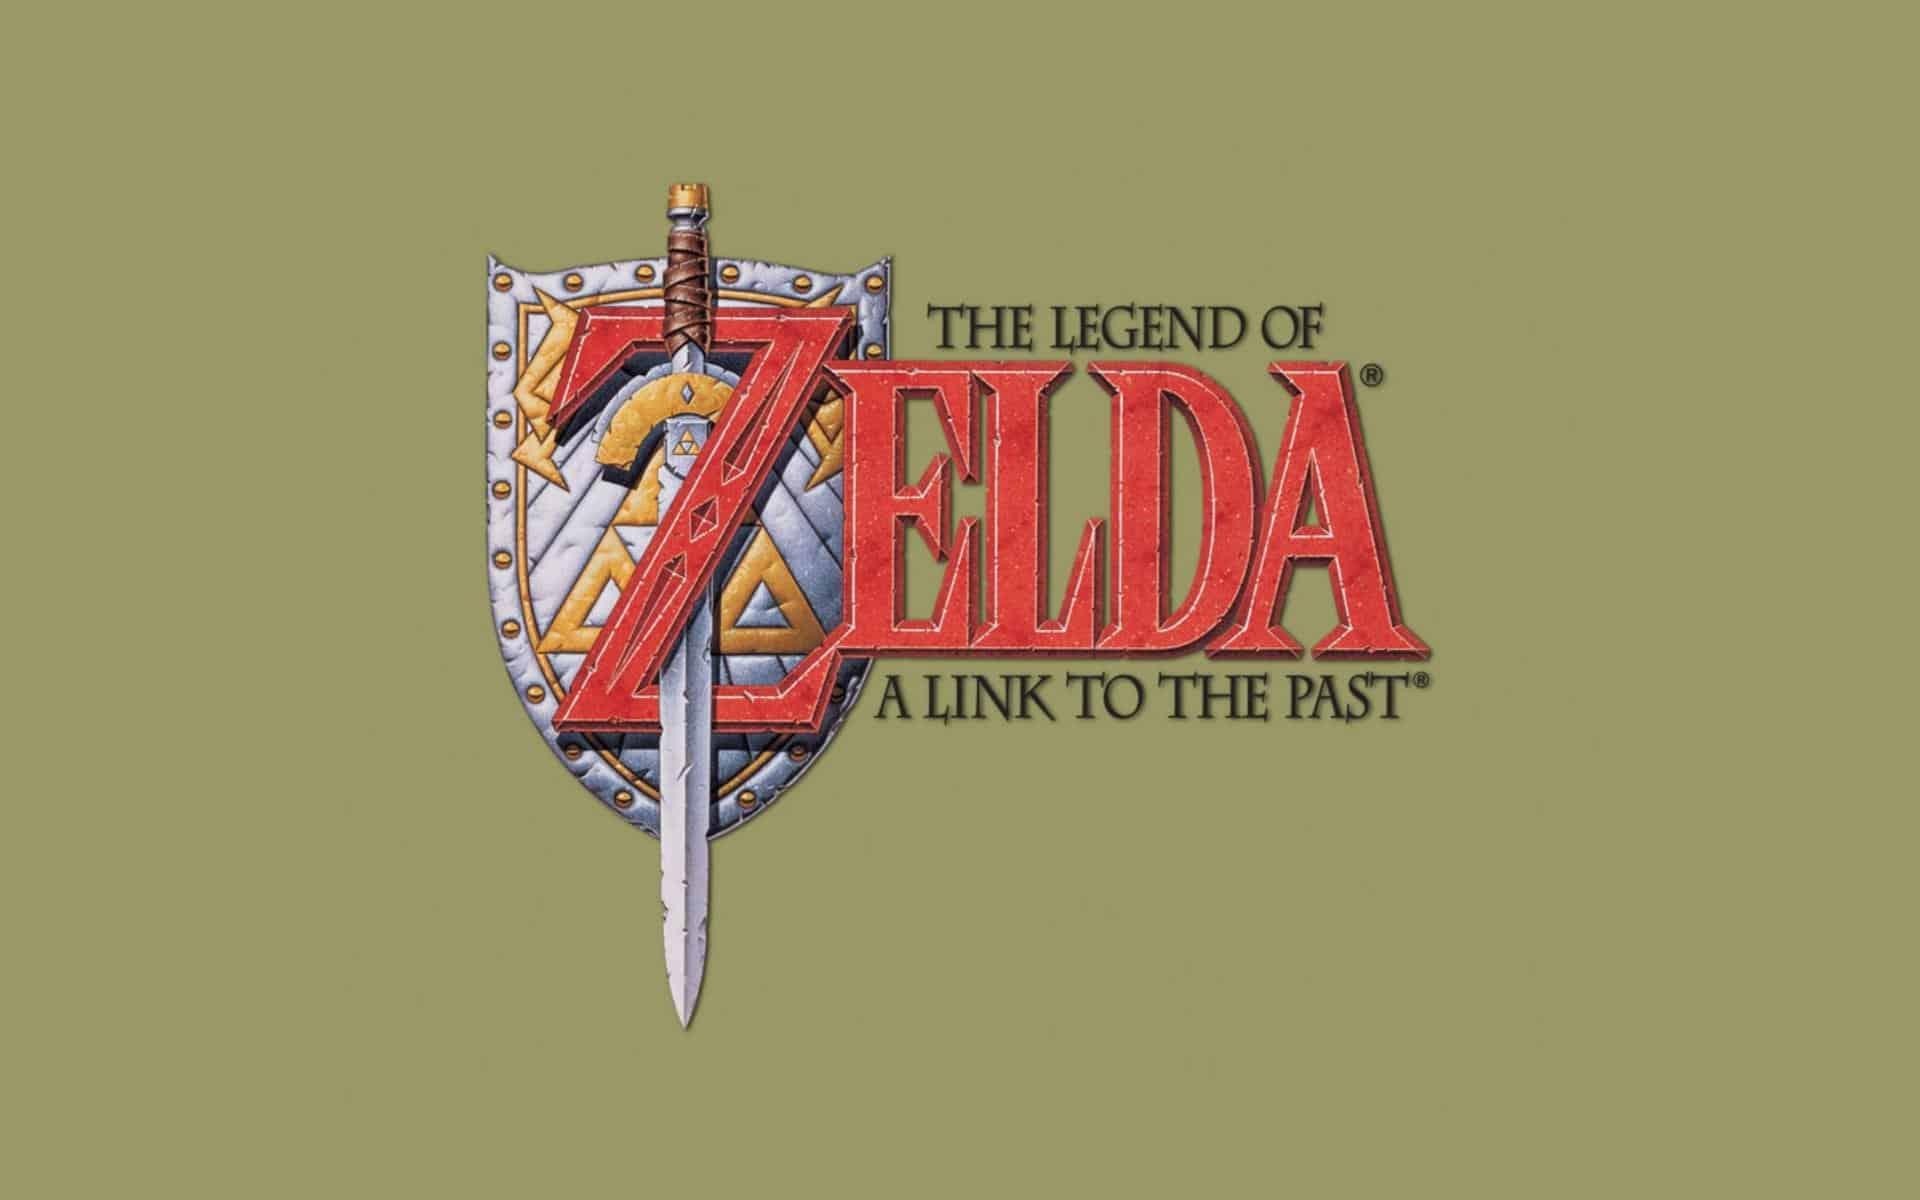 Best Zelda Games - The Legend of Zelda - A Link to the Past